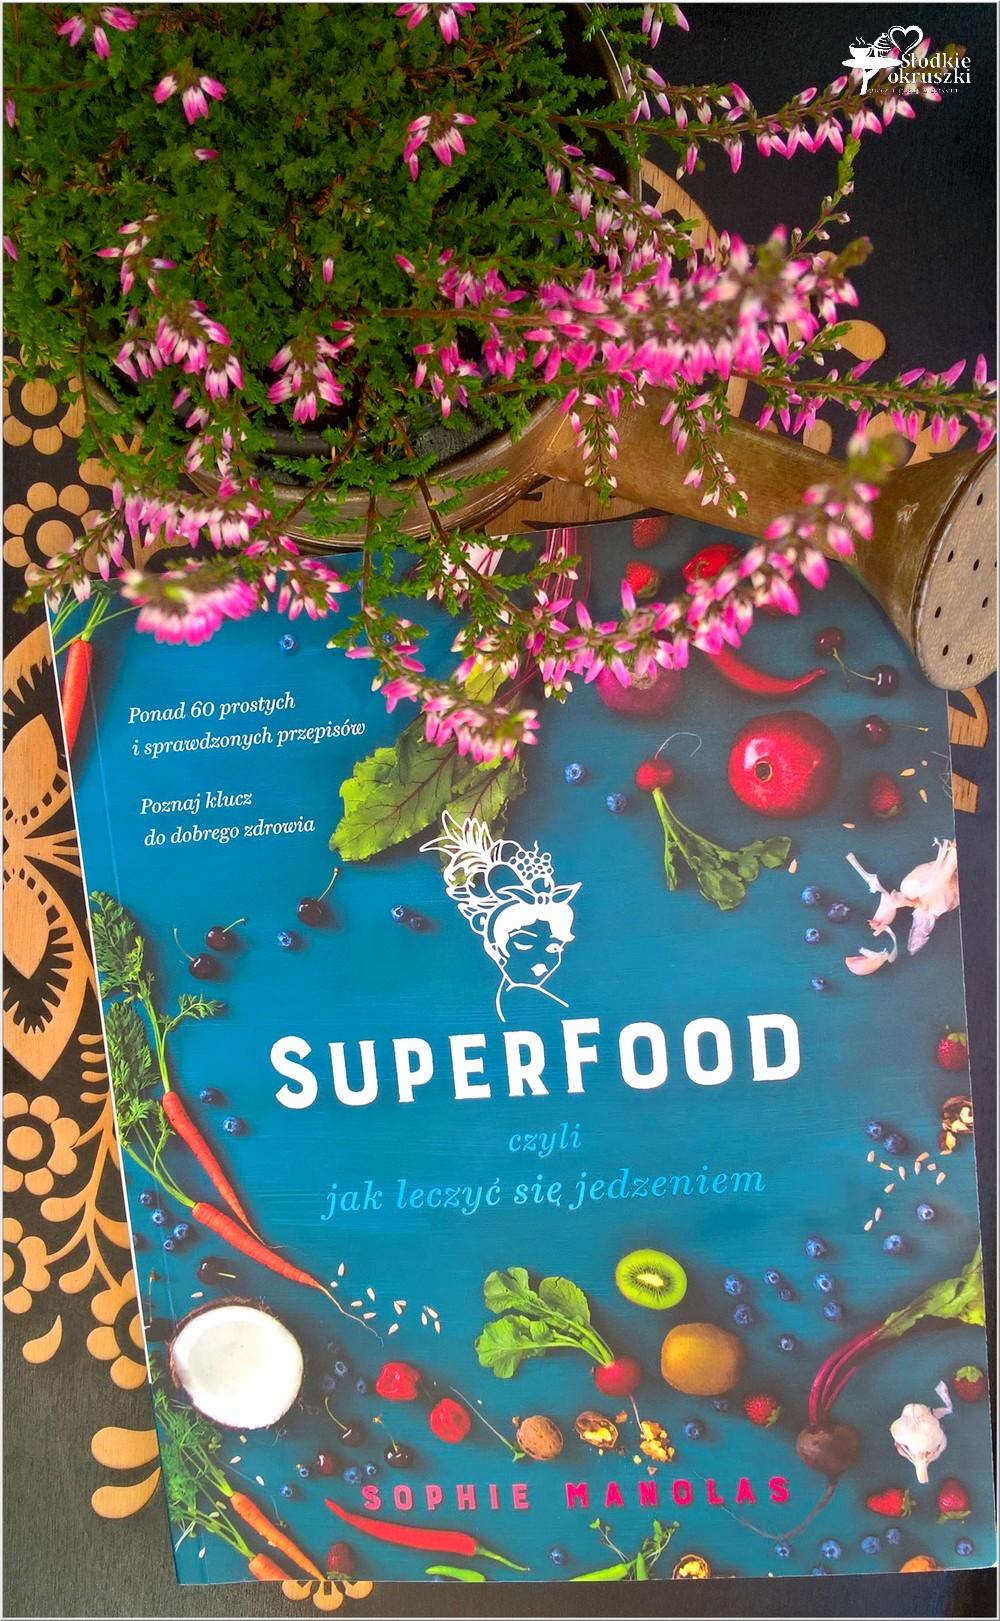 Superfood, czyli jak leczyć się jedzeniem (1)